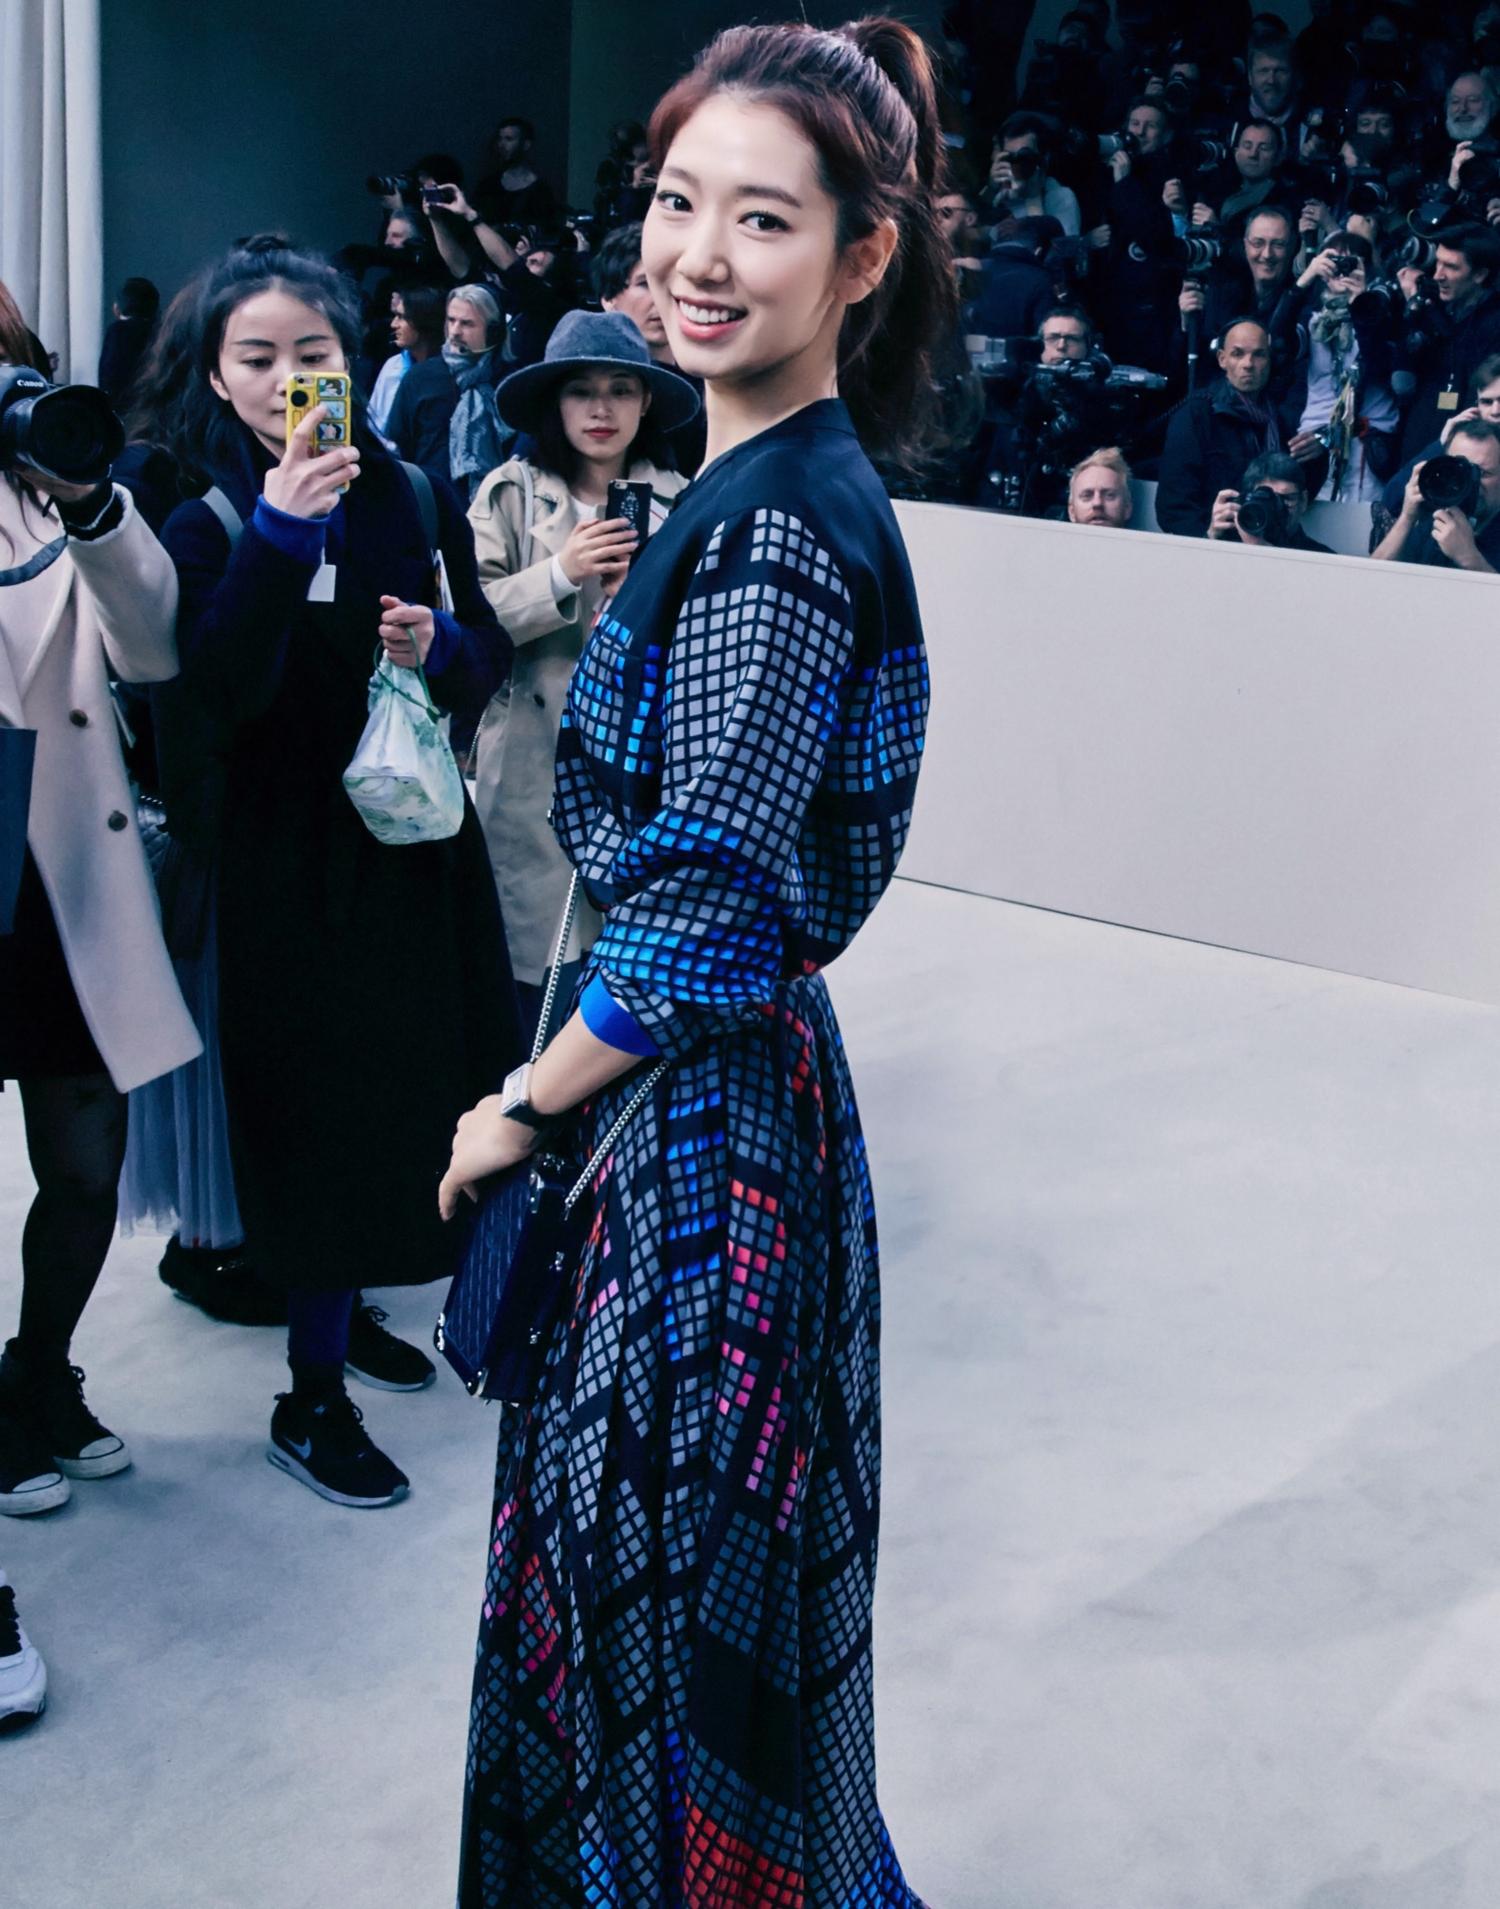 phong cách thời trang tại tuần lễ thời trang Park shin hye 3